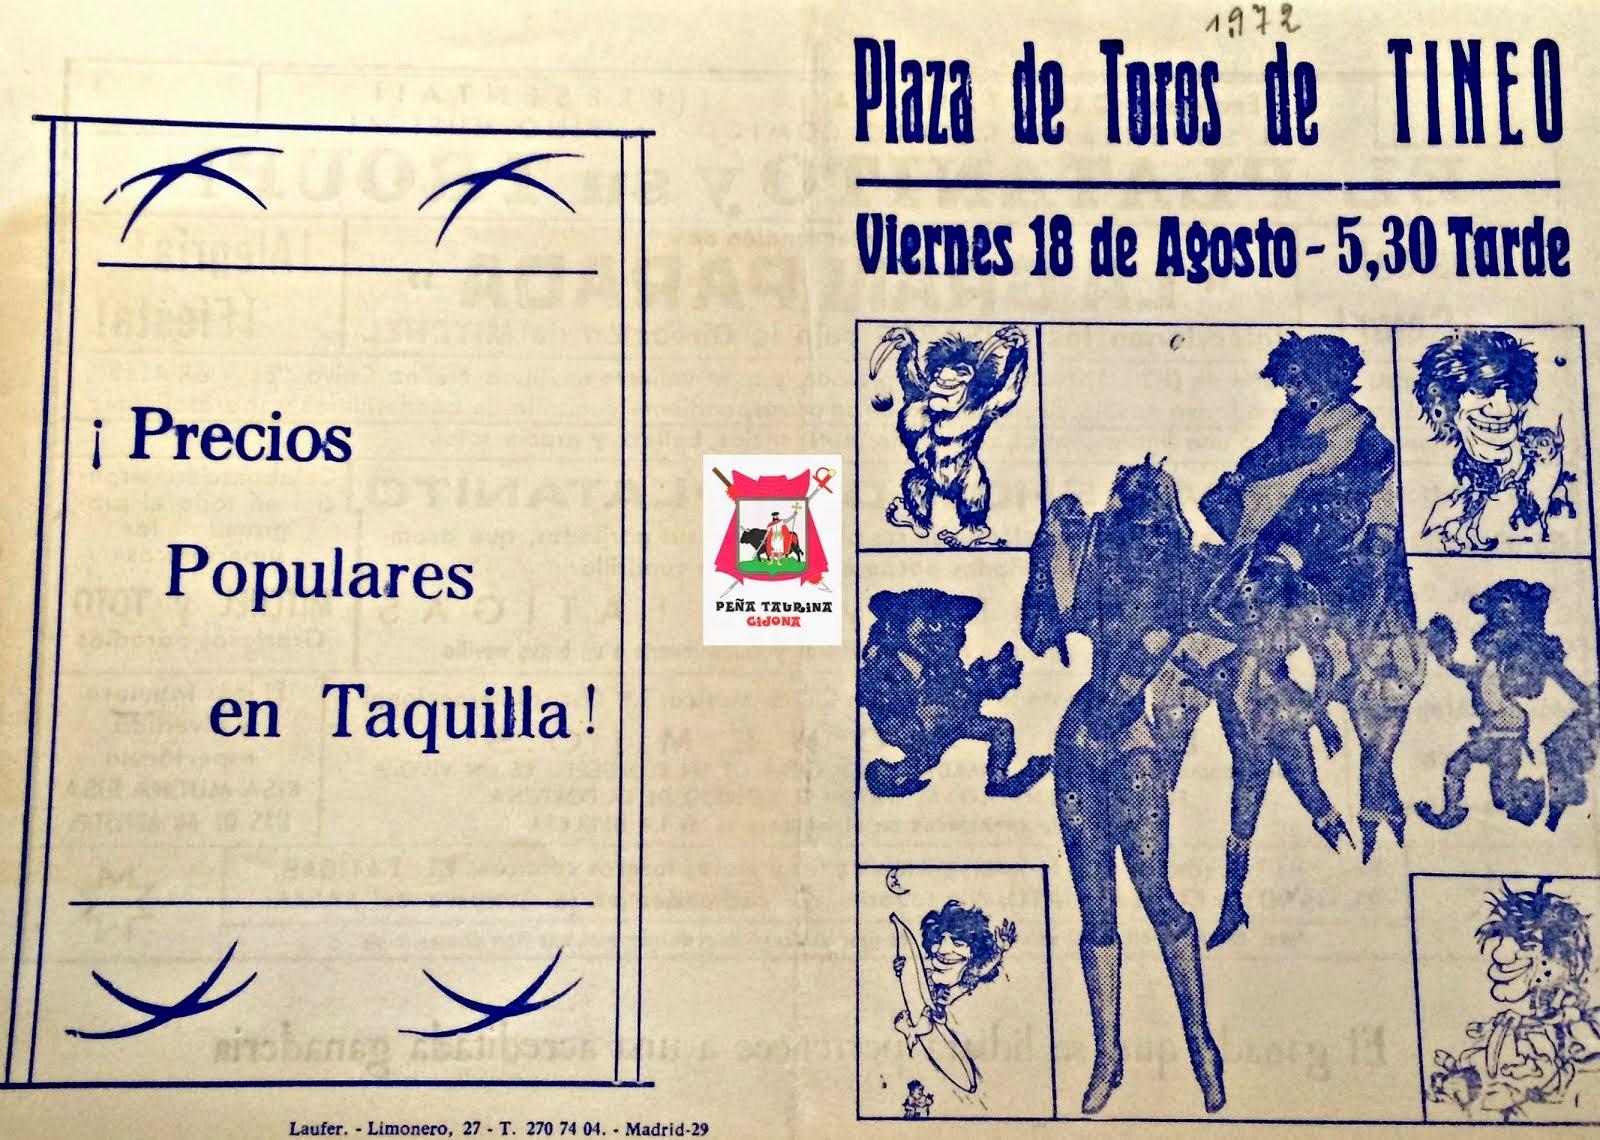 PLAZA DE TOROS DE TINEO